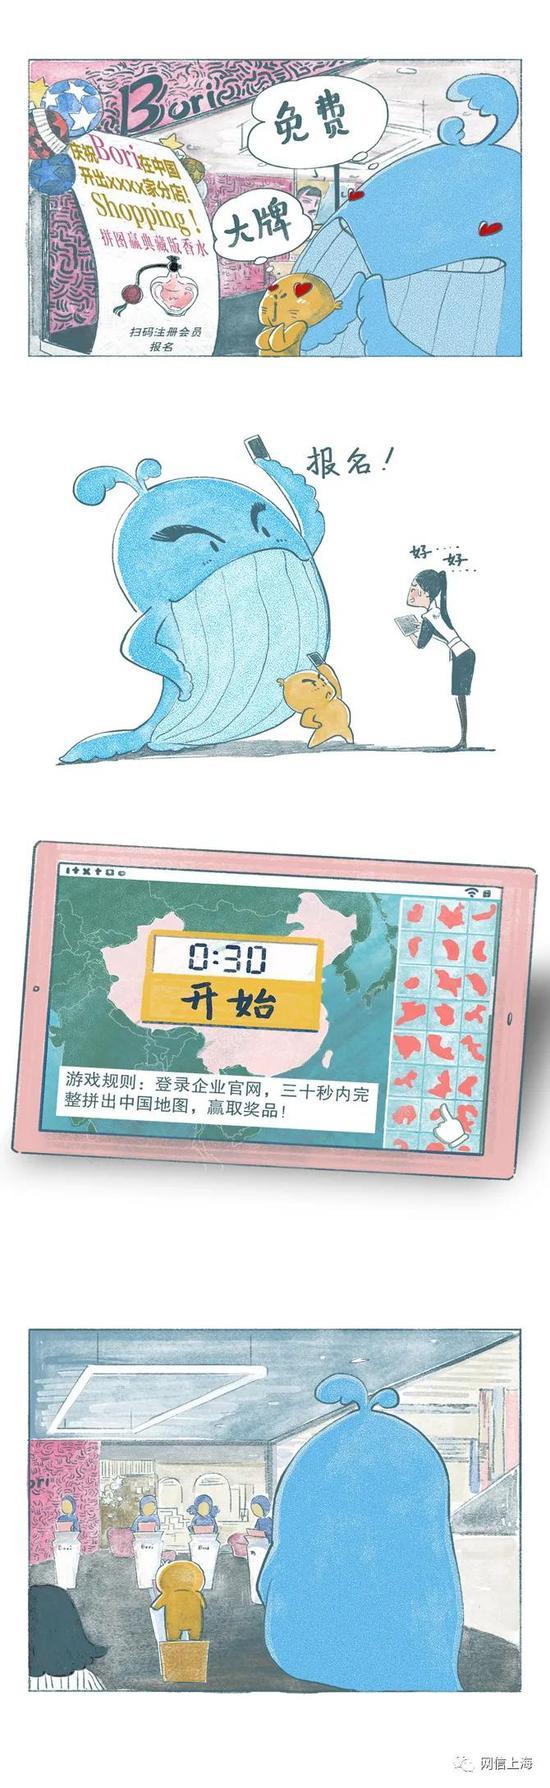 沪小信普法第5期:中国一点都不能少